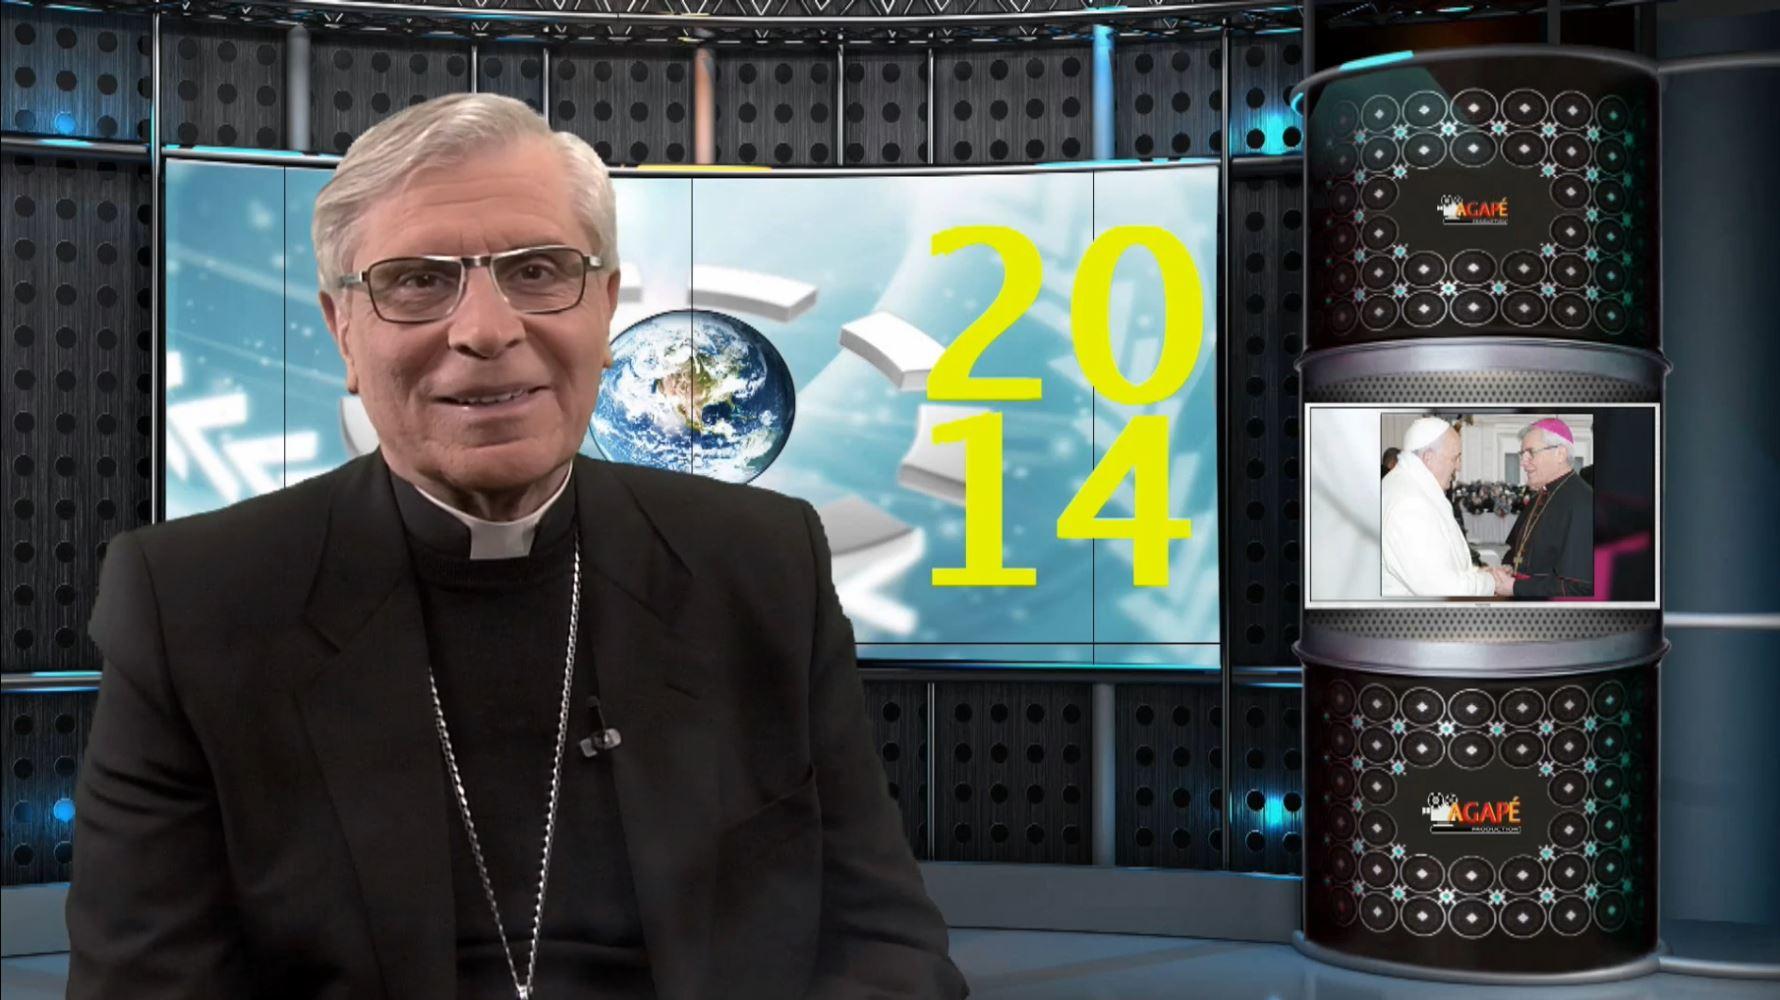 La chronique de Mgr Jean-Michel di Falco Léandri : Ses vœux pour l'année 2014